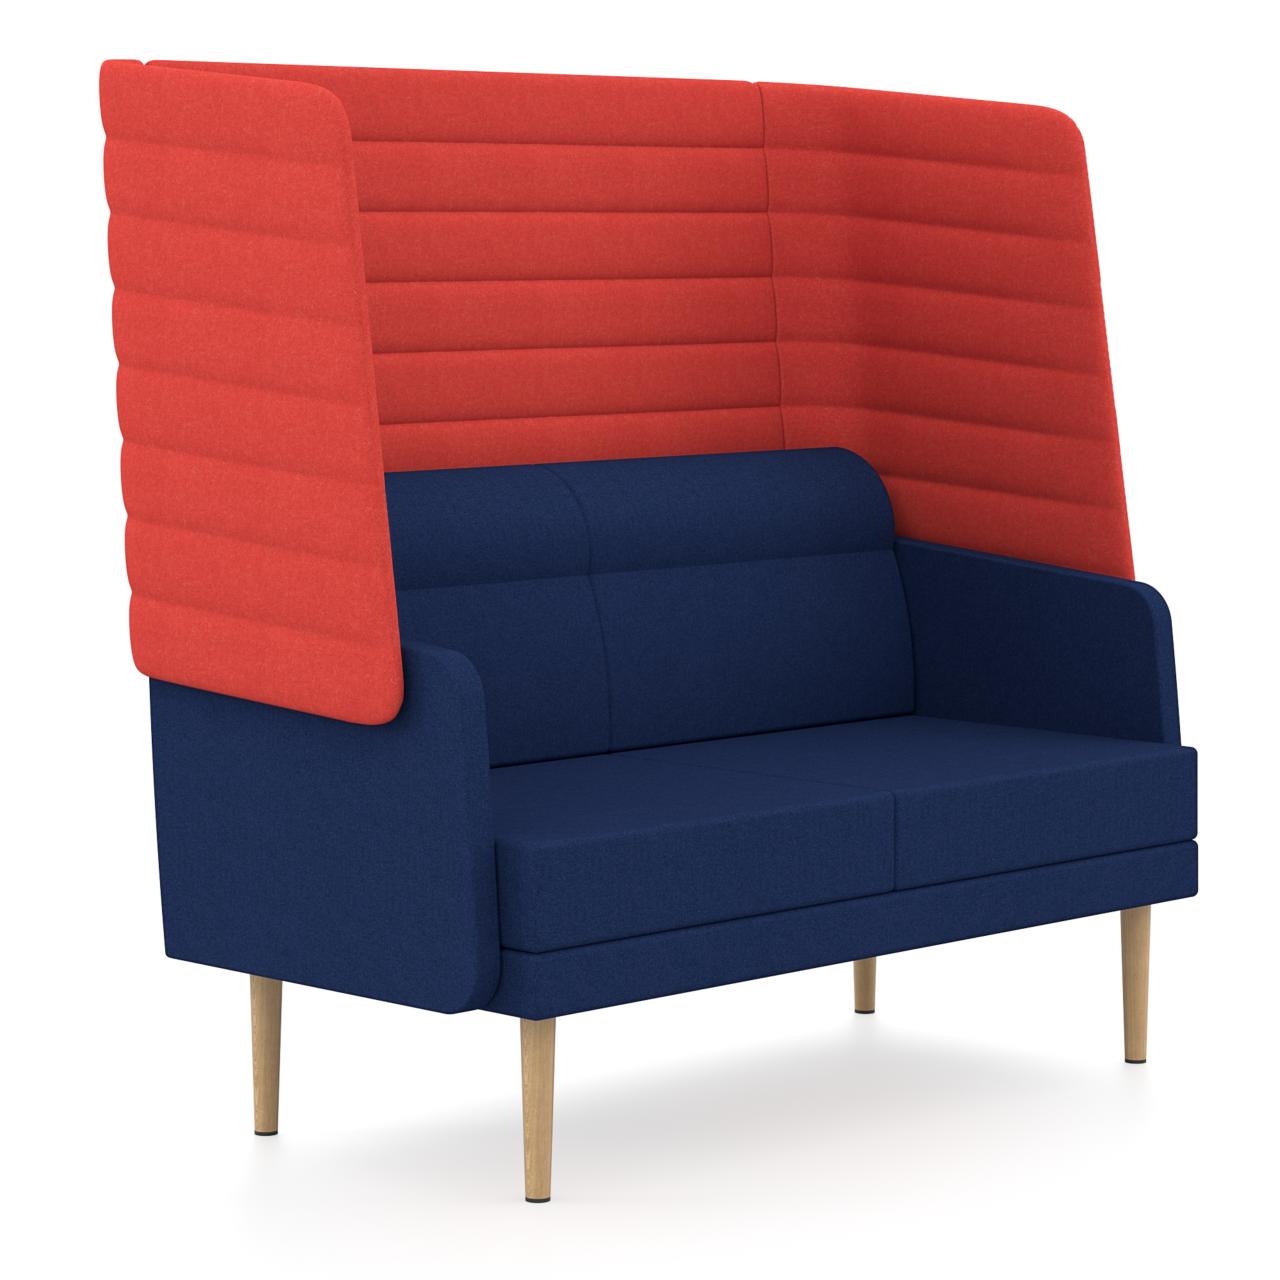 Zweisitzer Hendrik - Bequemes 2er-Sofa mit akustisch wirksamer Außenschale